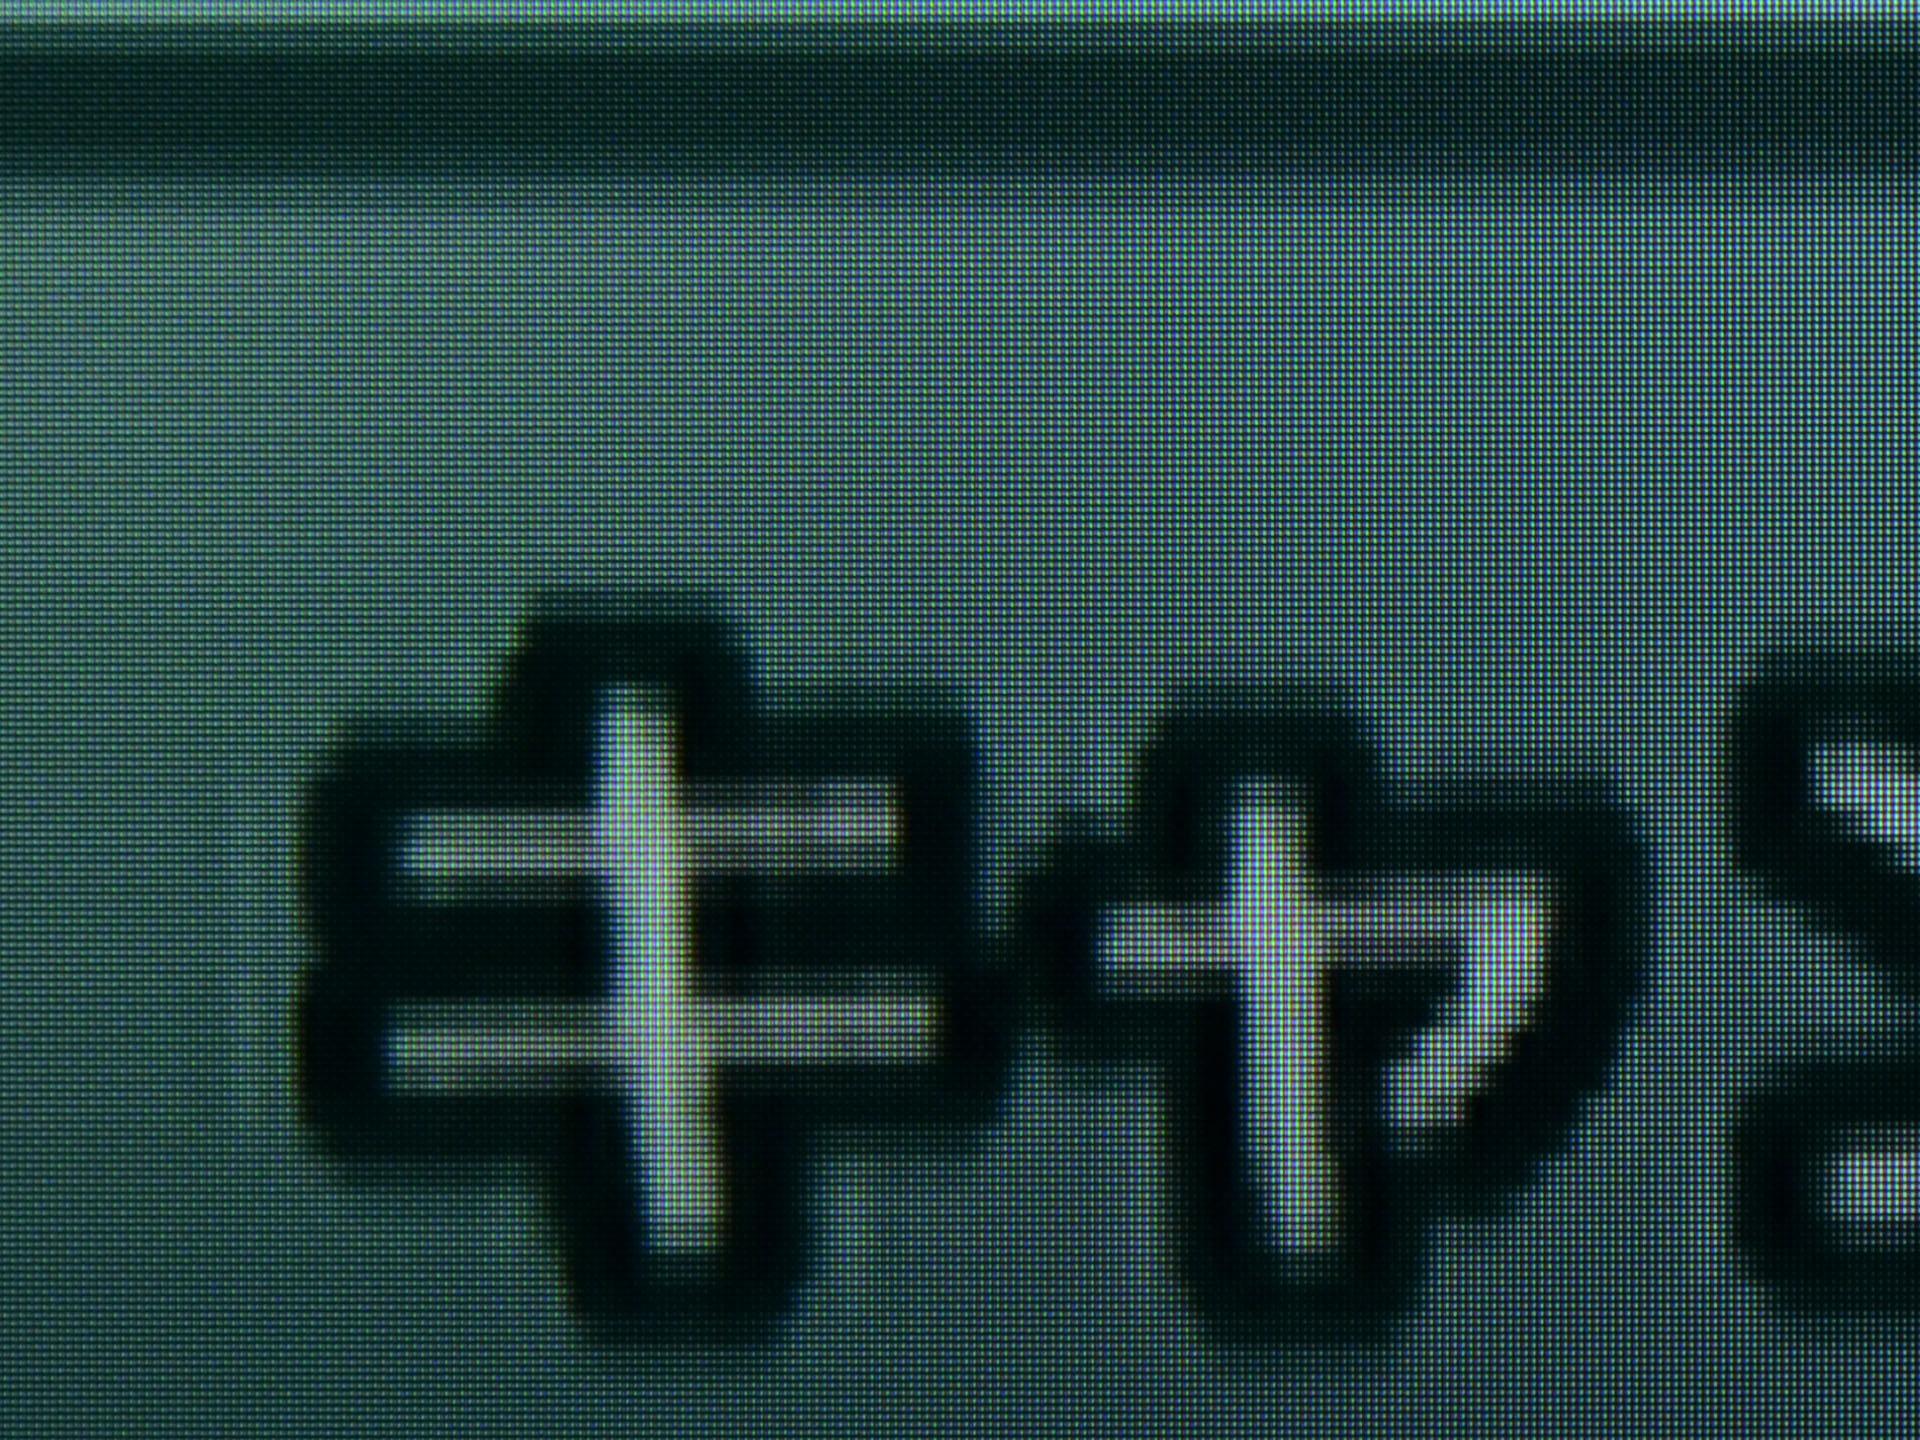 レトロゲームファイン